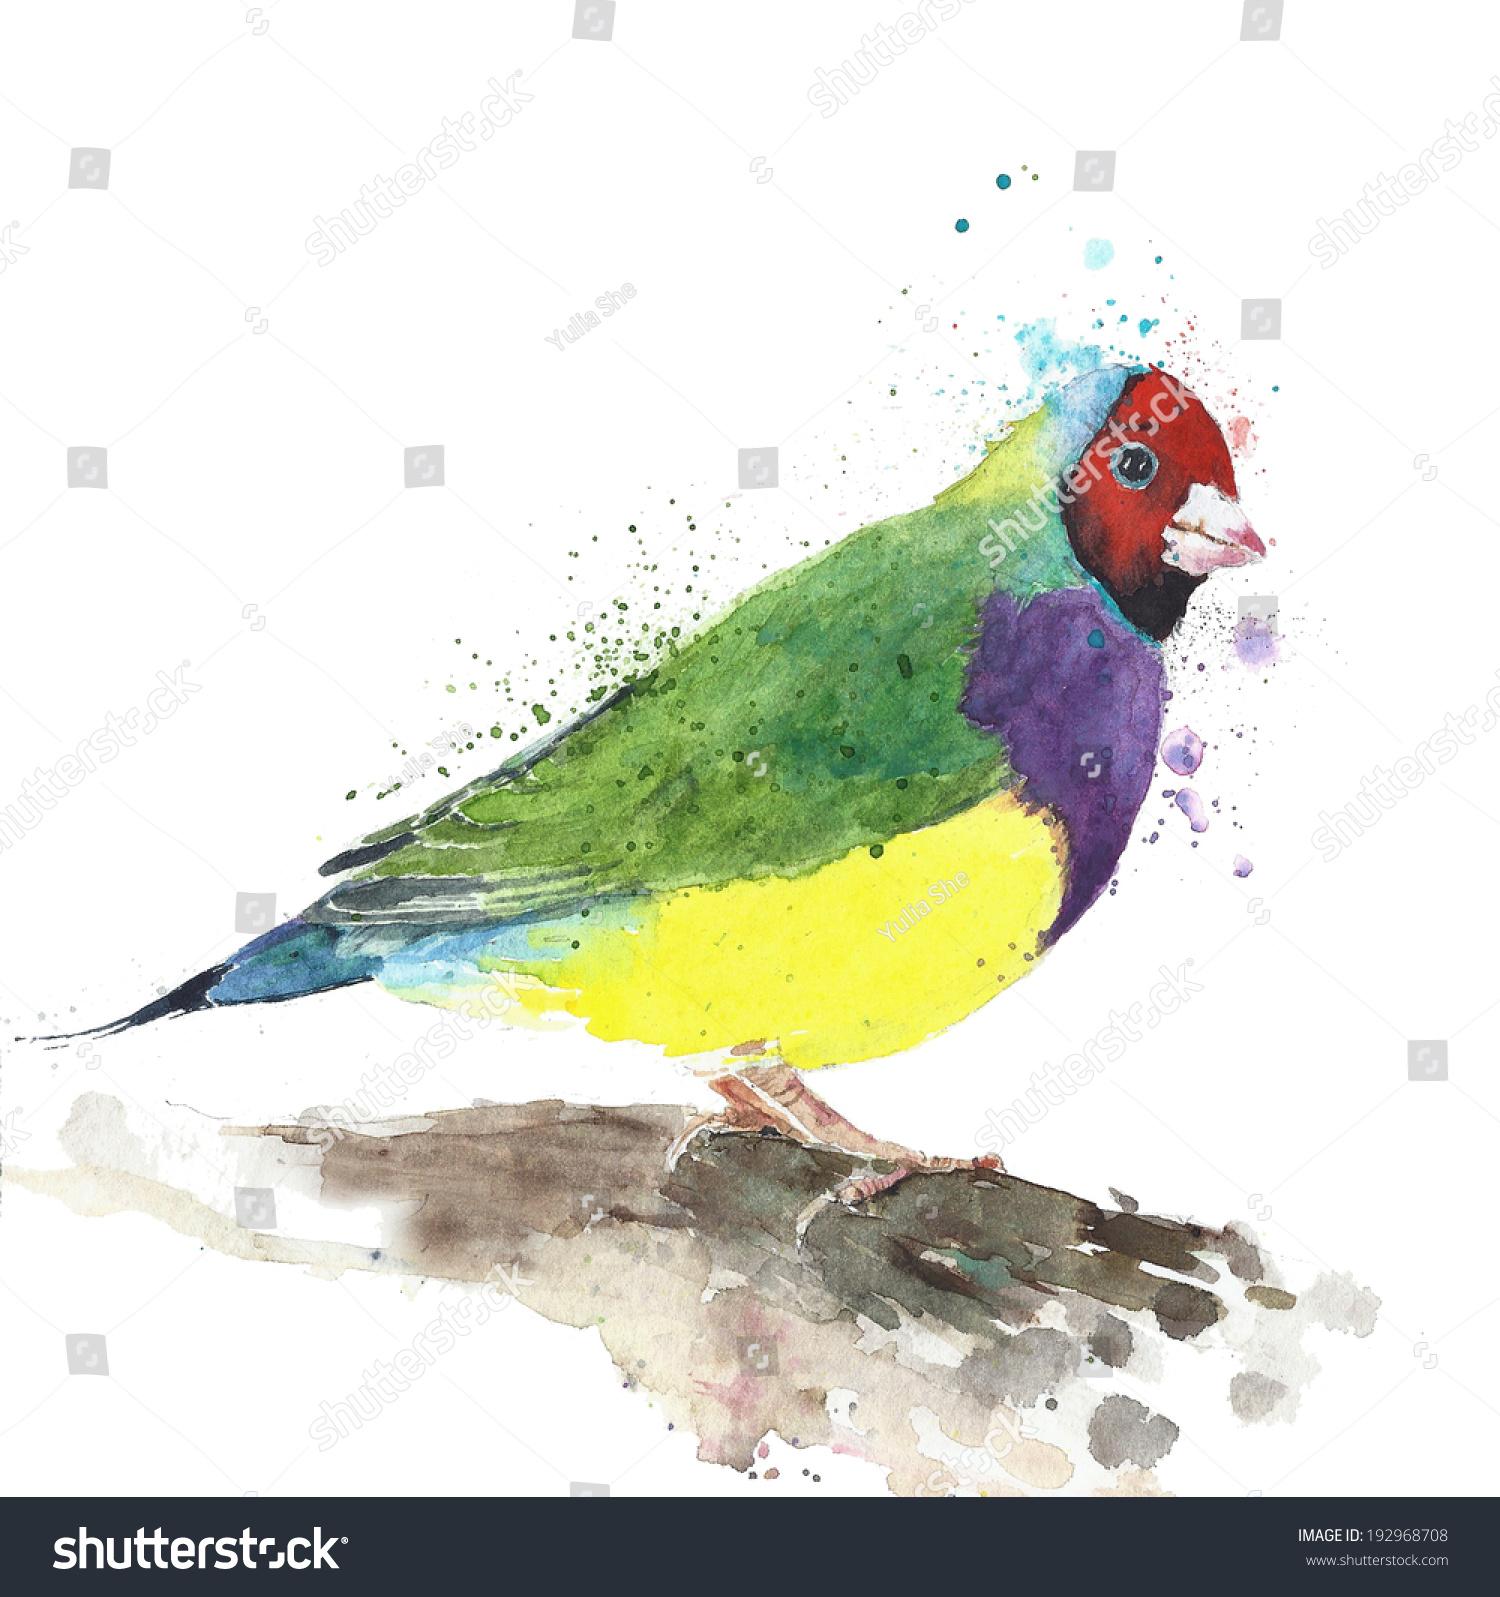 鸟锦雀水彩画孤立在白色背景-动物/野生生物